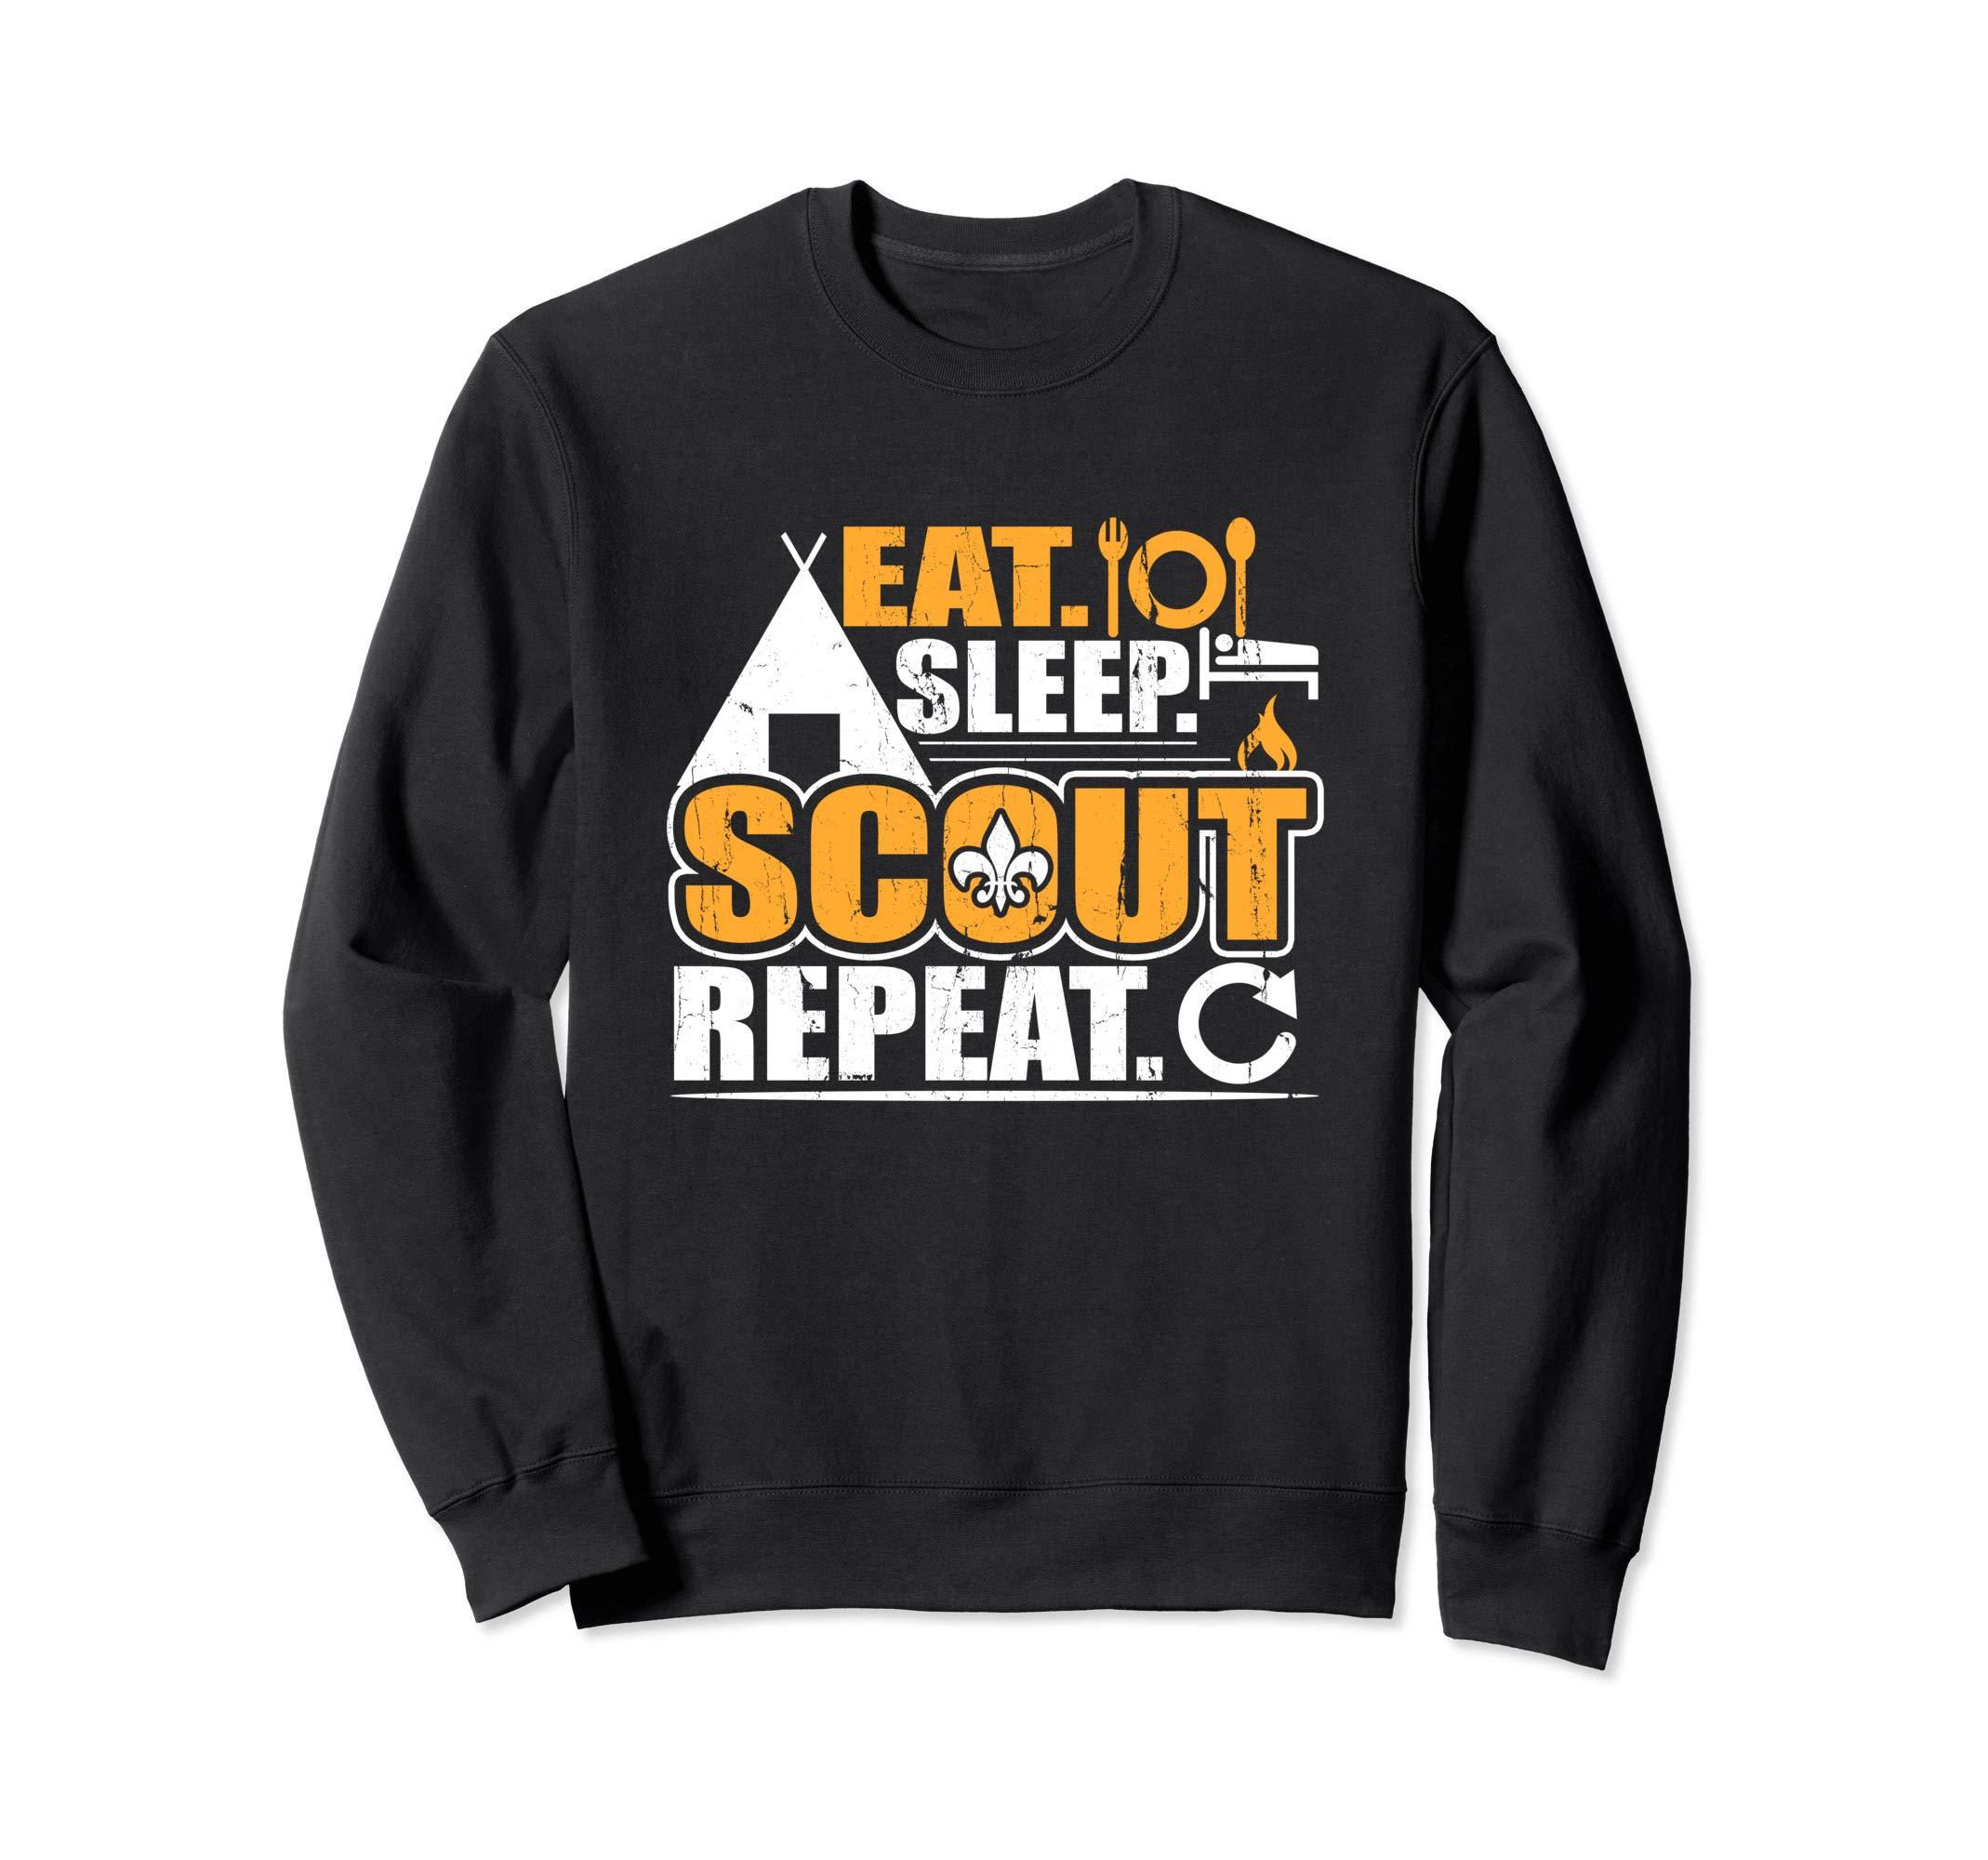 Eat Sleep Scout Repeat Cub Camping Scouting Boy Troop Leader Sweatshirt by Scouting Designs By Ark